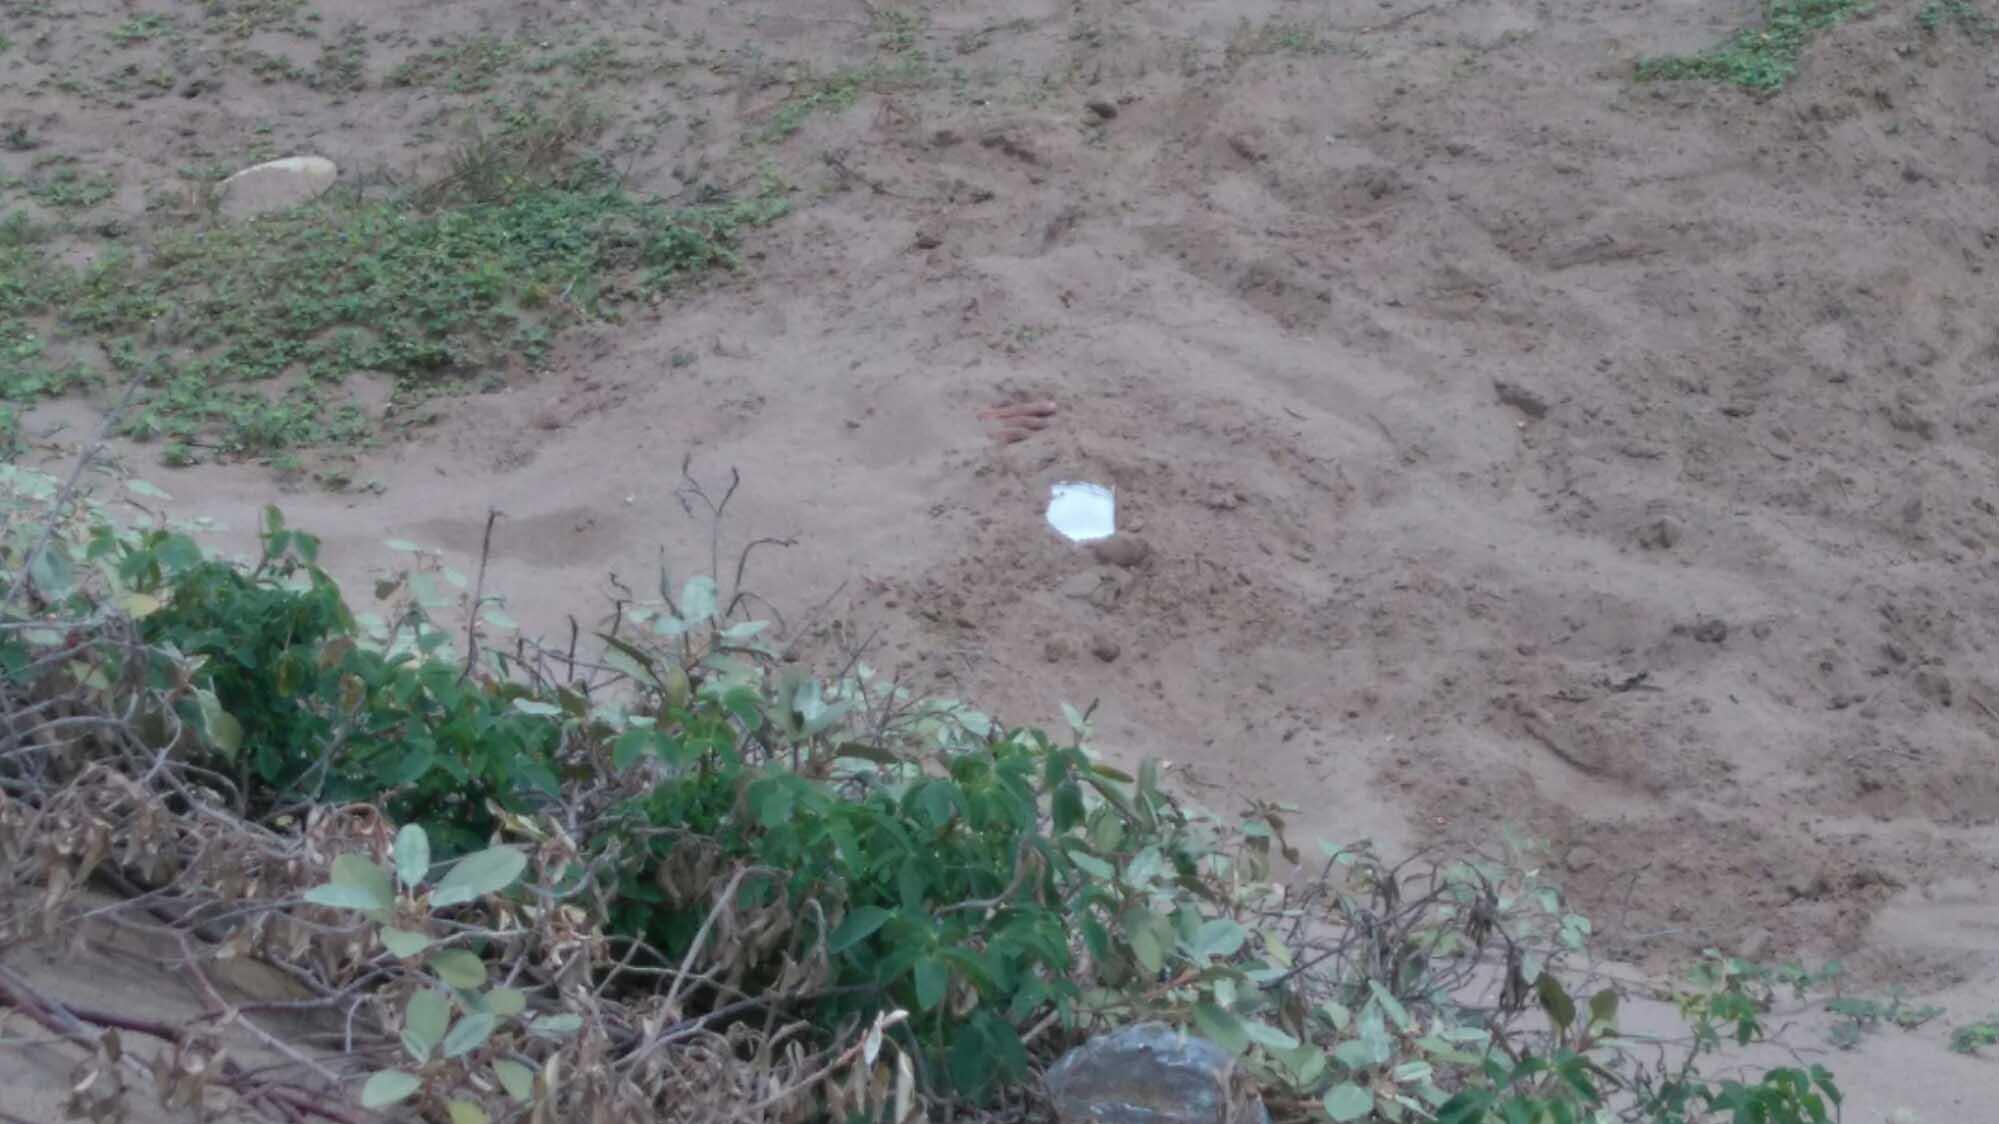 Los cuerpos de estaban semi enterrados en el patio de una vivienda, ubicada en la residencia La Raisa II, en los Valles del Tuy